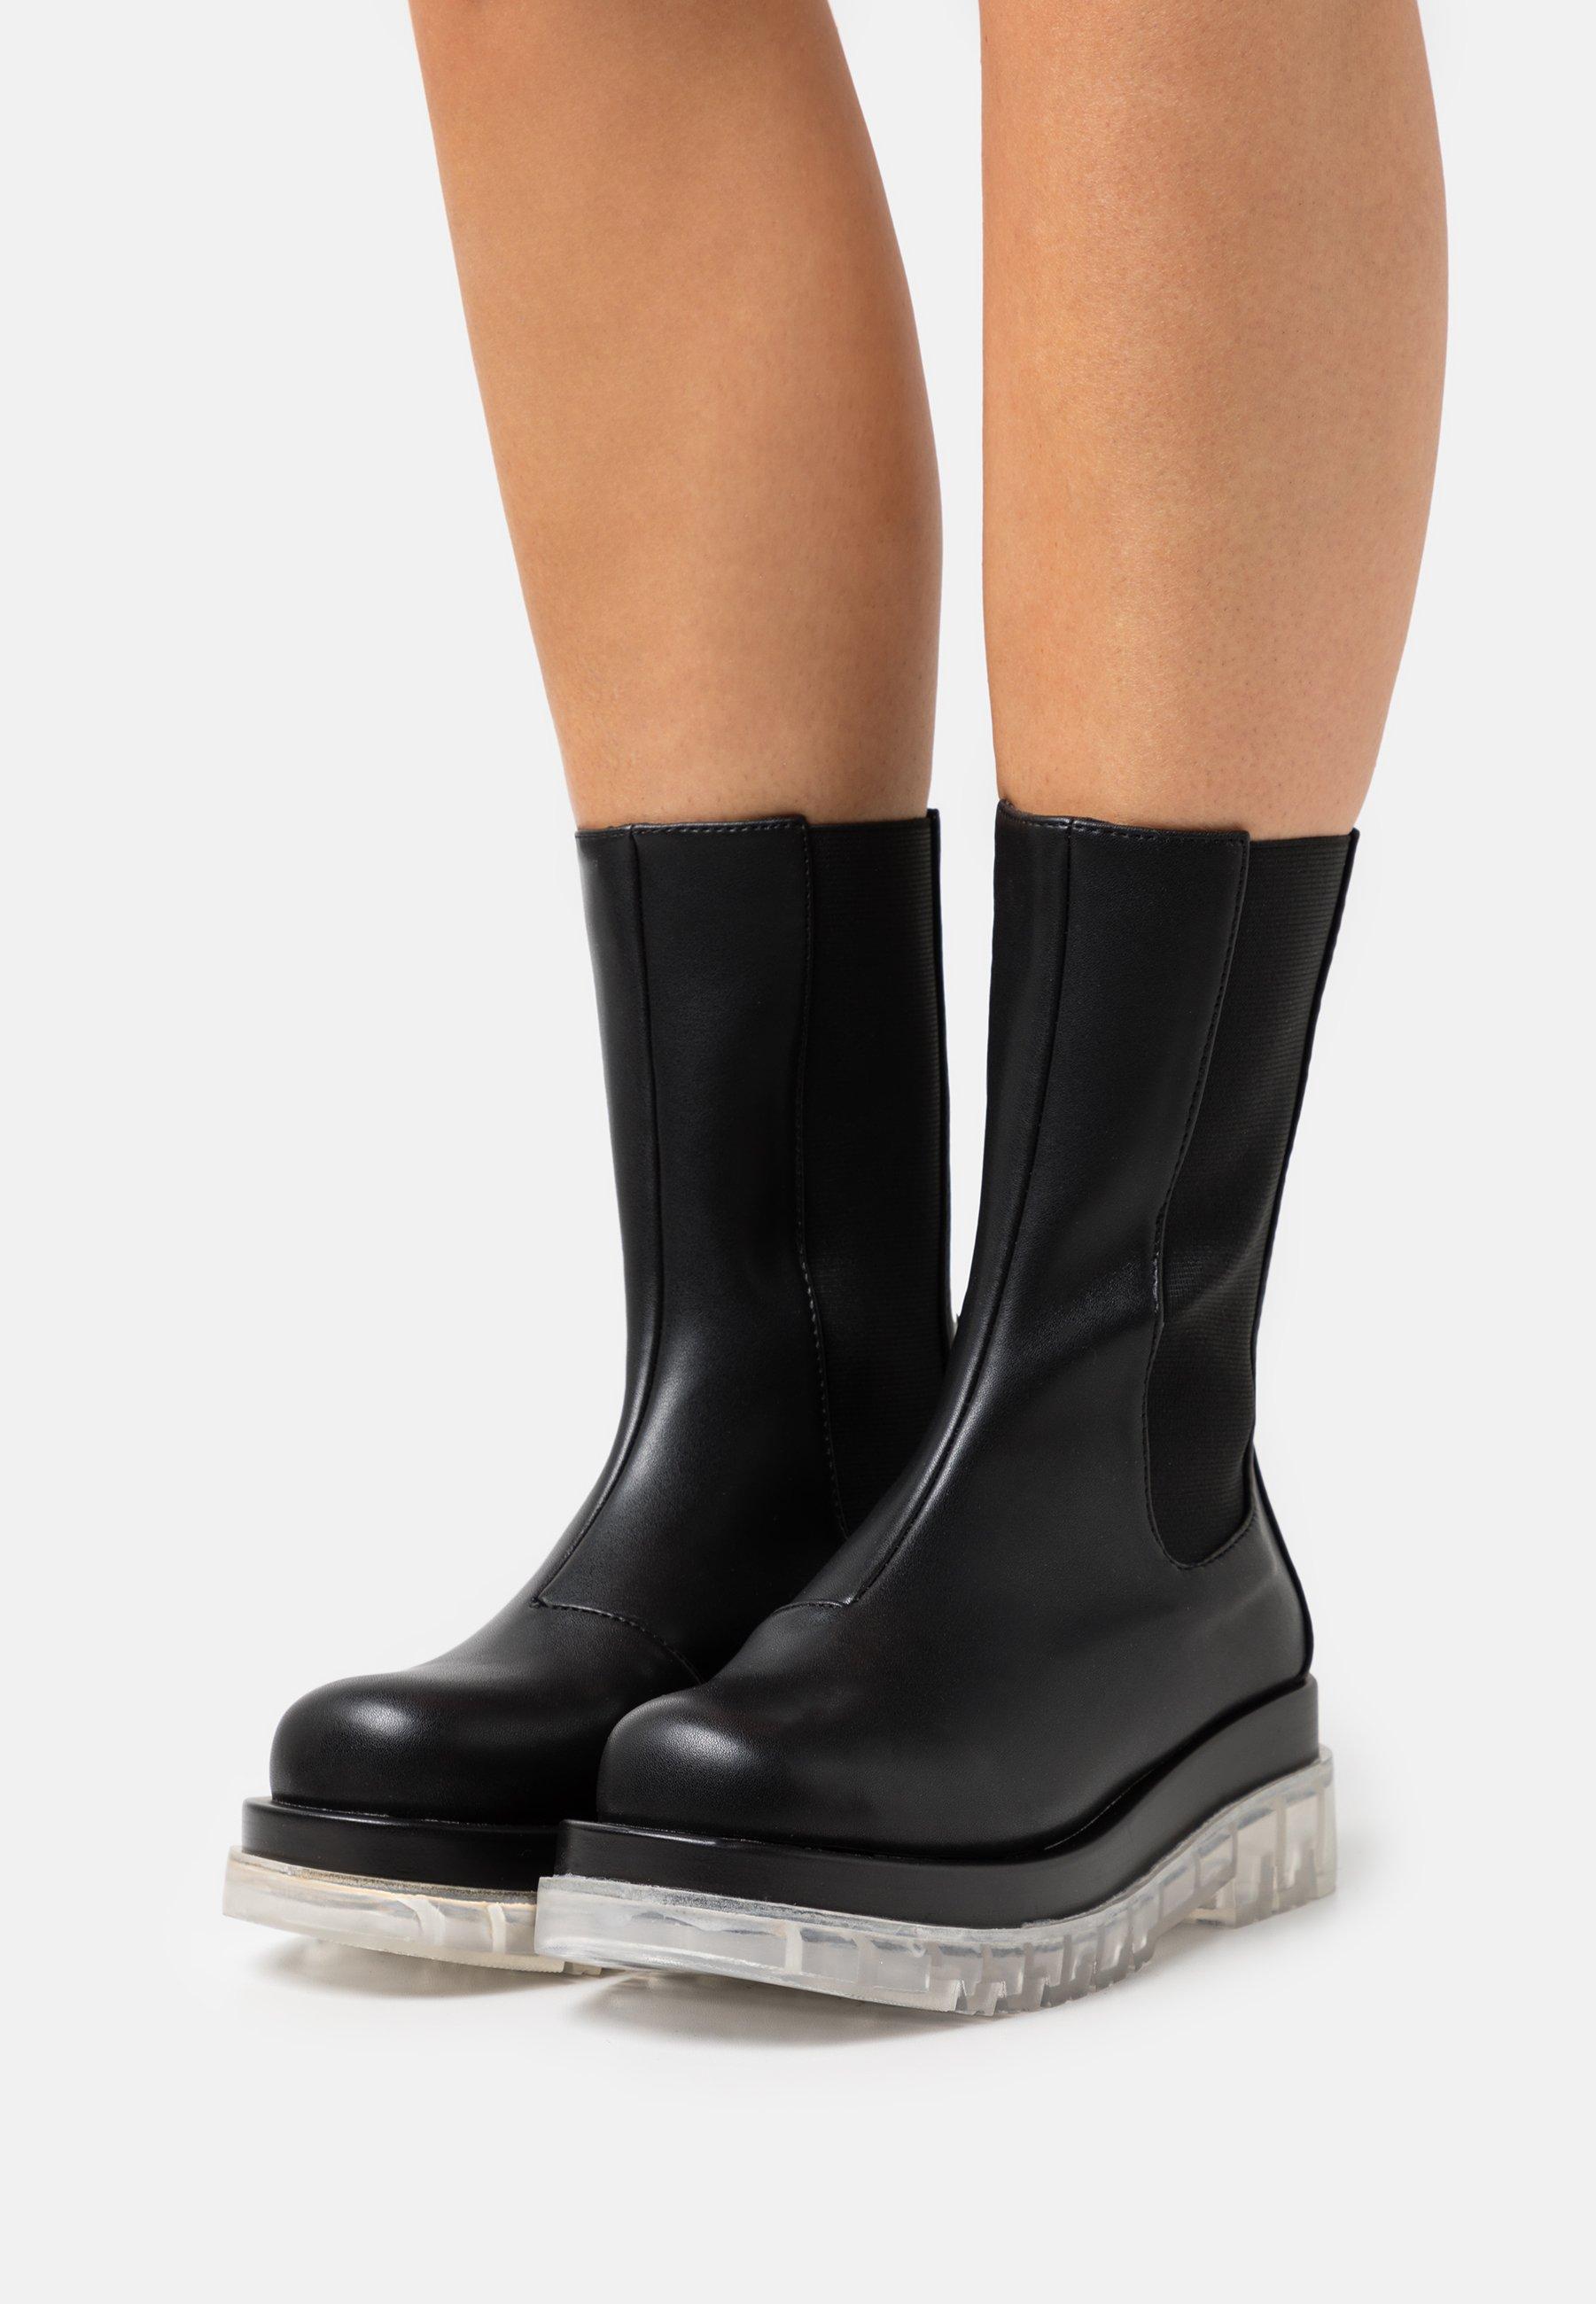 Women KENDALL - Platform boots - black